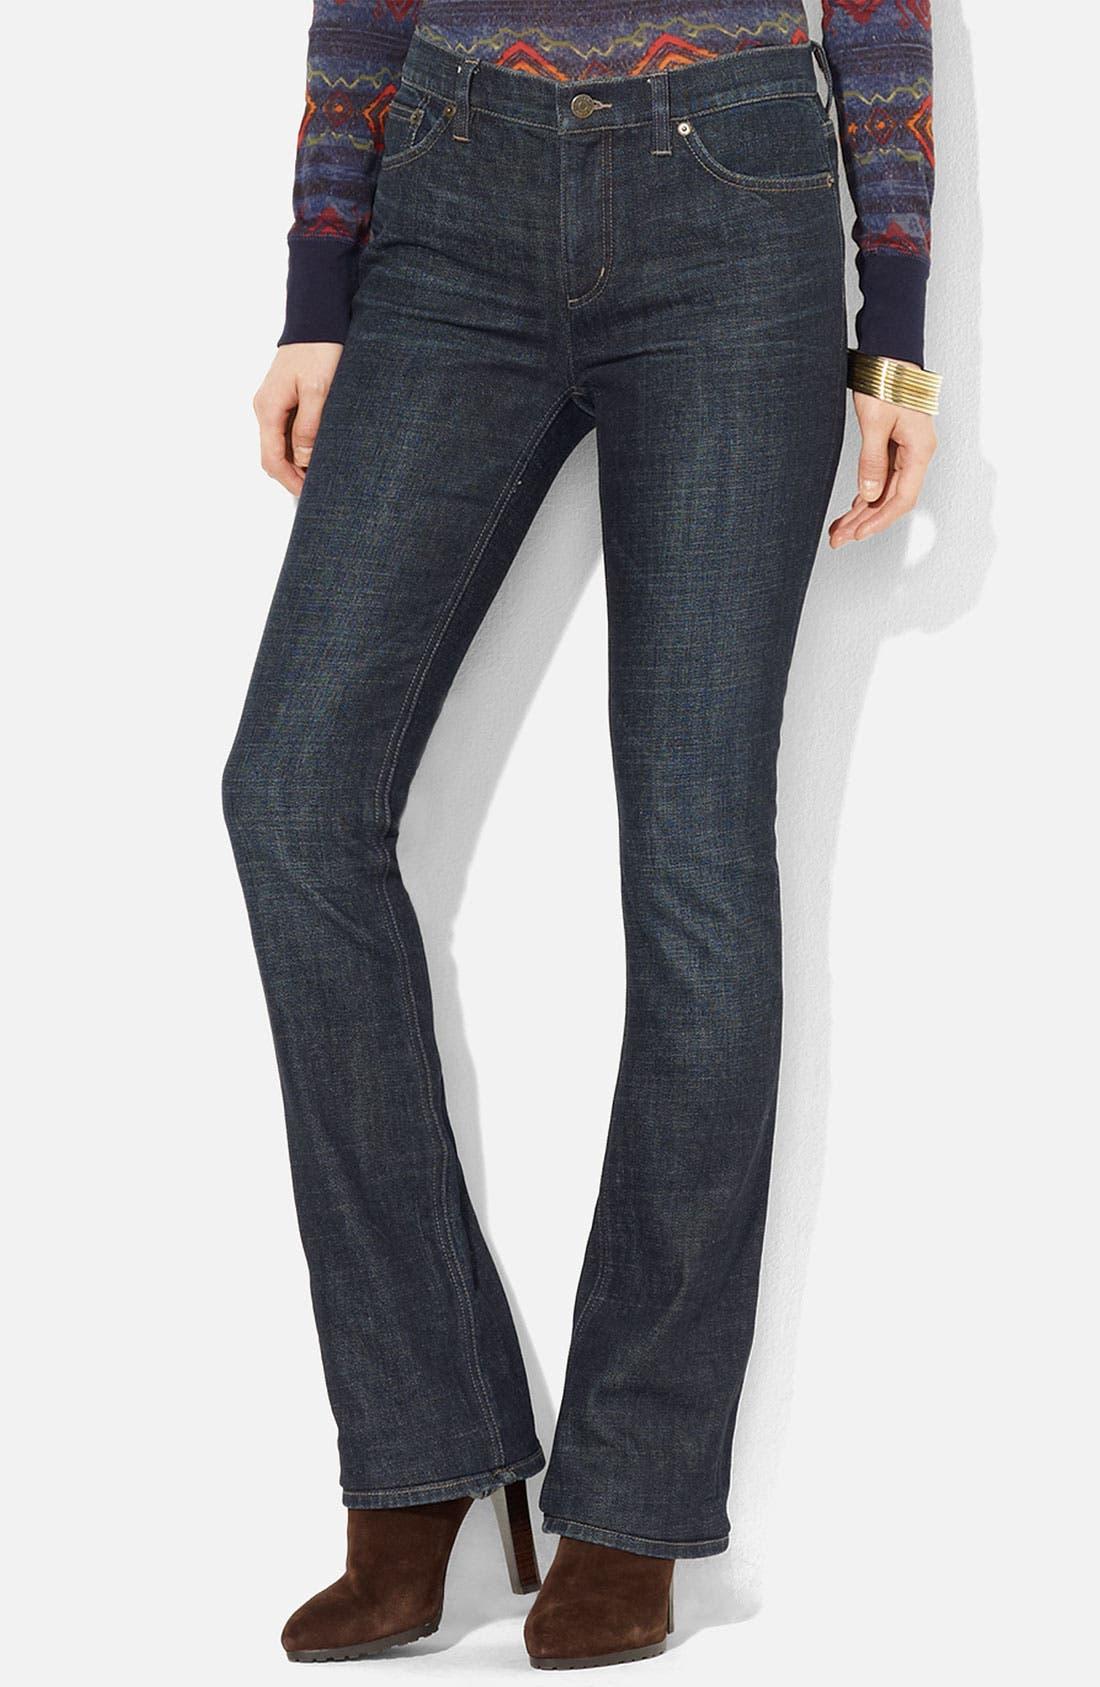 Alternate Image 1 Selected - Lauren Ralph Lauren Slimming Bootcut Jeans (Petite) (Online Exclusive)